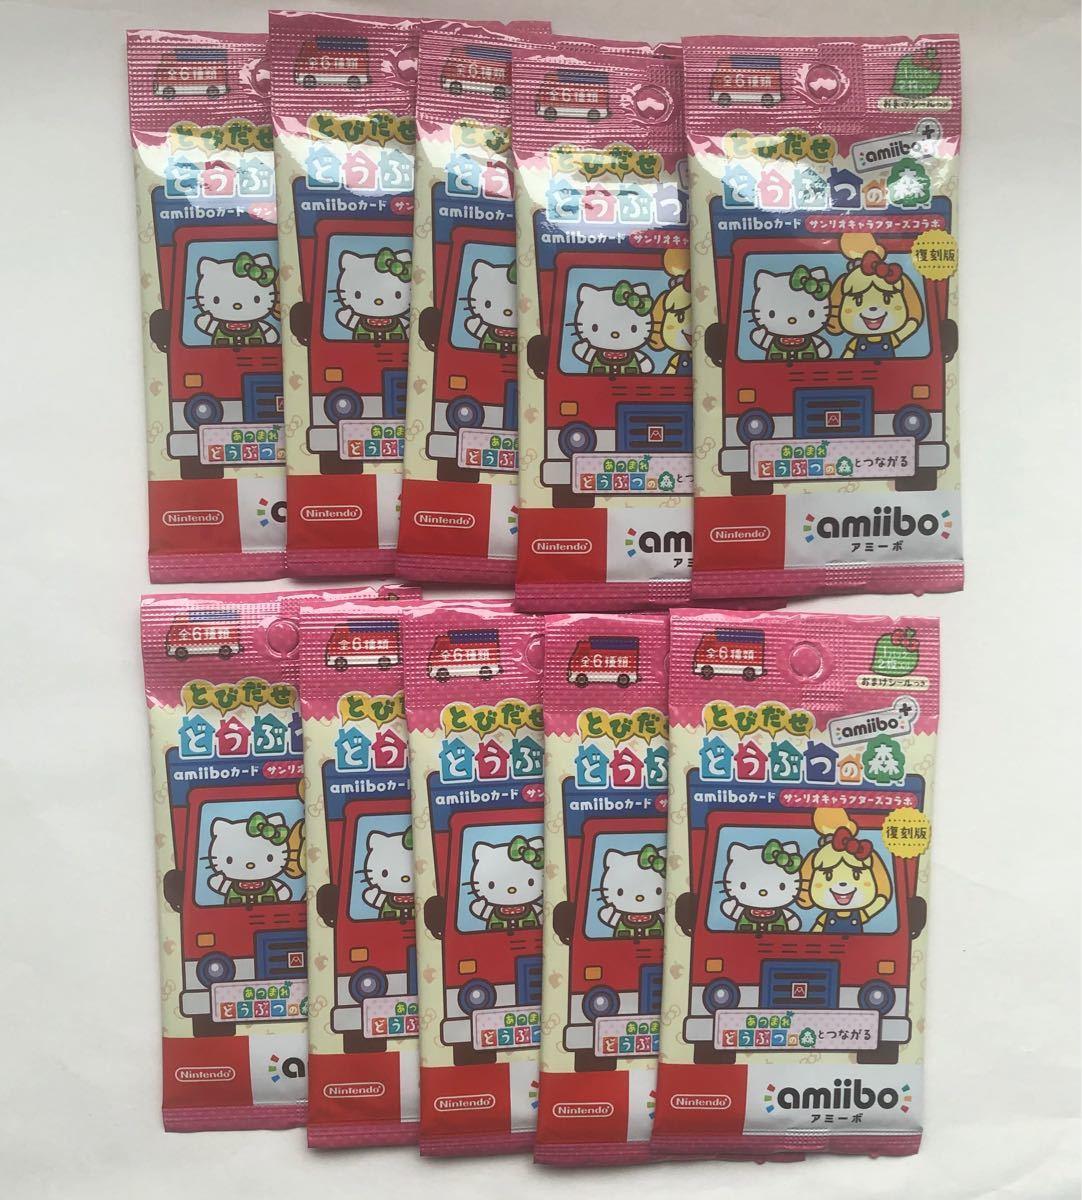 とびだせどうぶつの森amiibo+ amiiboカード サンリオキャラクターズ 10パック